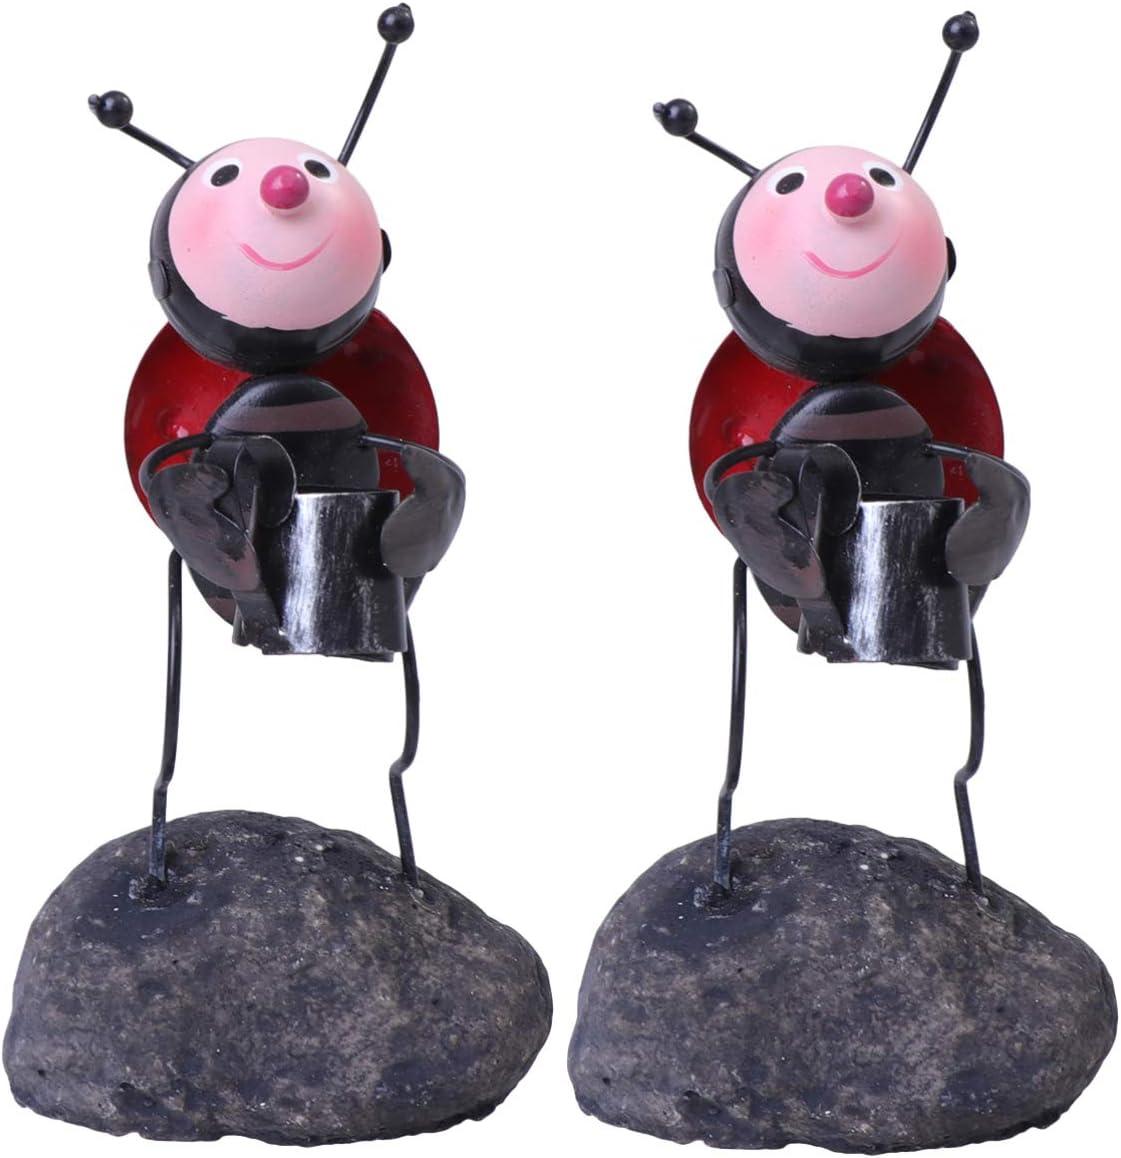 DOITOOL 2 Piezas Hormiga Estatuilla Cake Topper Hierro Forjado Insecto Mariquita Sosteniendo Hervidor Jardín Estatua Artesanía Figura Joyería Soporte para Cafetería de Oficina en Casa